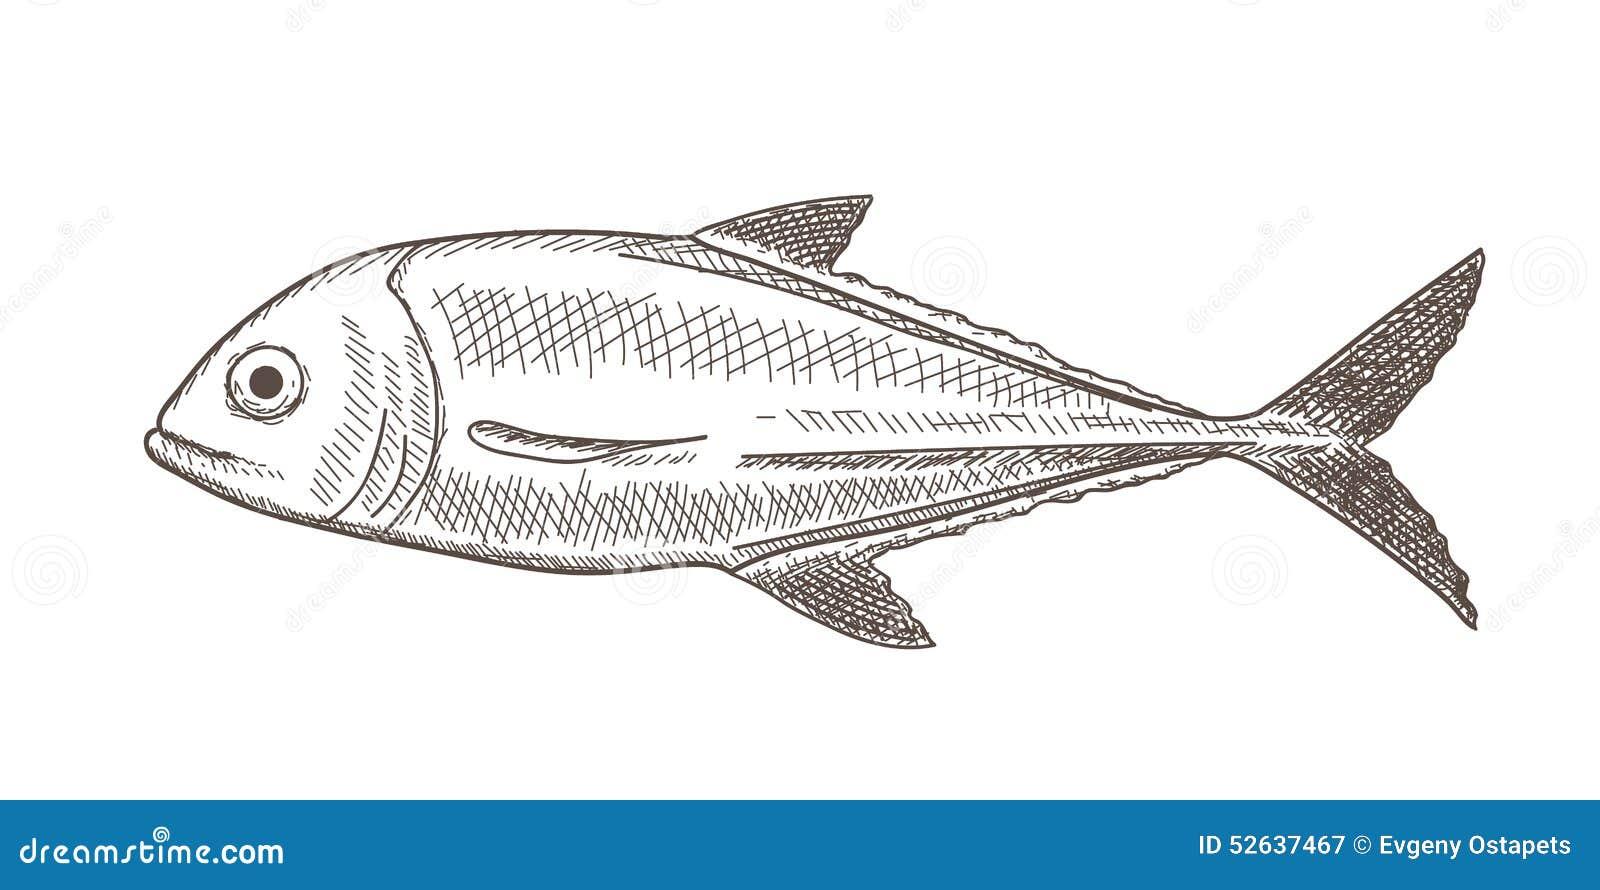 Croquis de poissons illustration de vecteur illustration - Croquis poisson ...